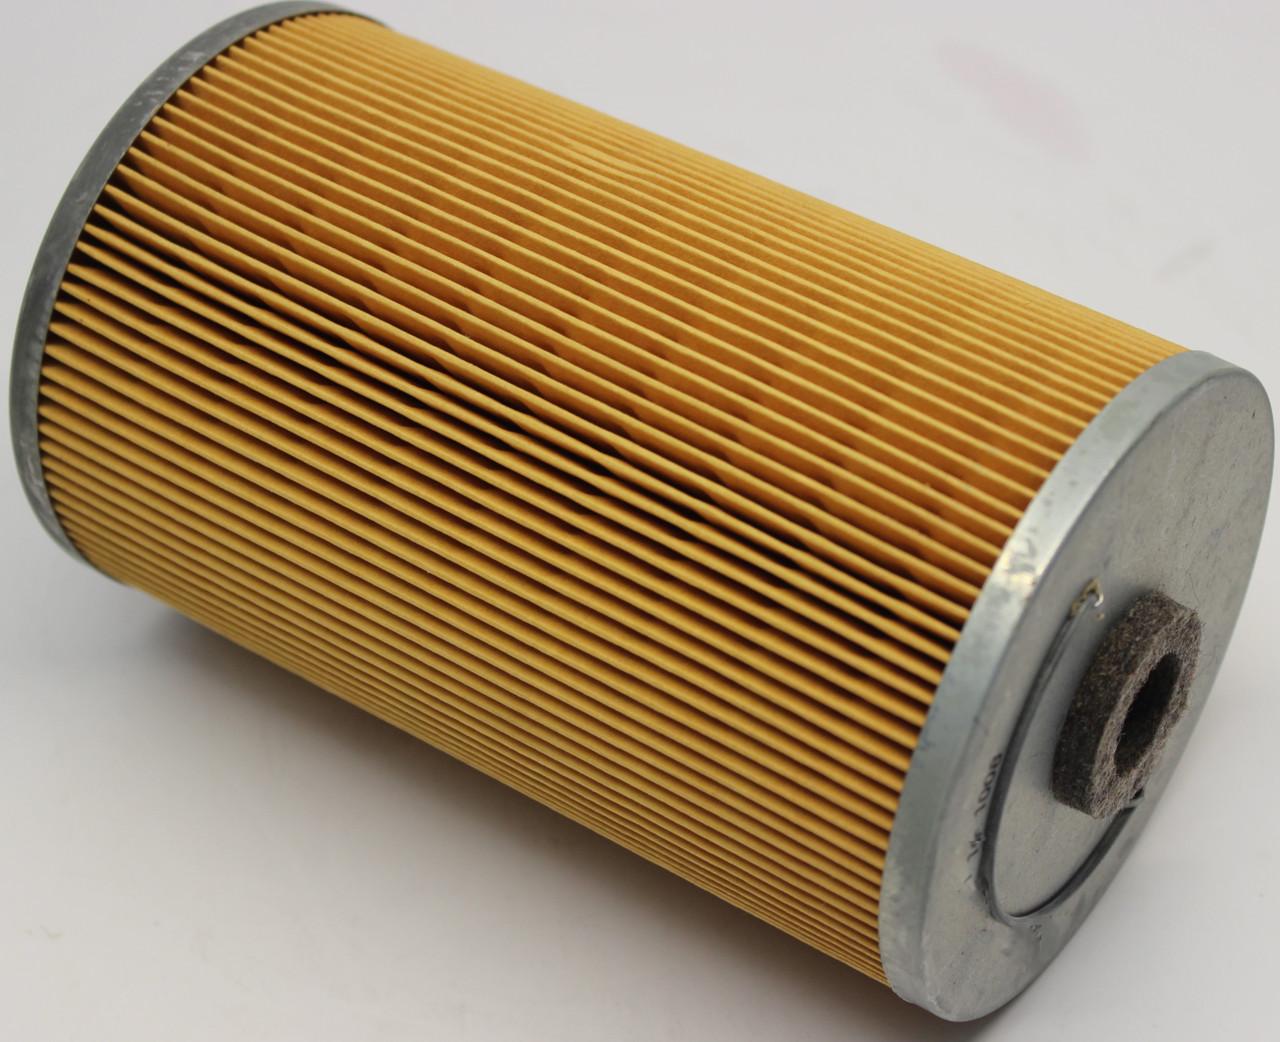 MTU 396 Fuel Filter Replacement P1018/1